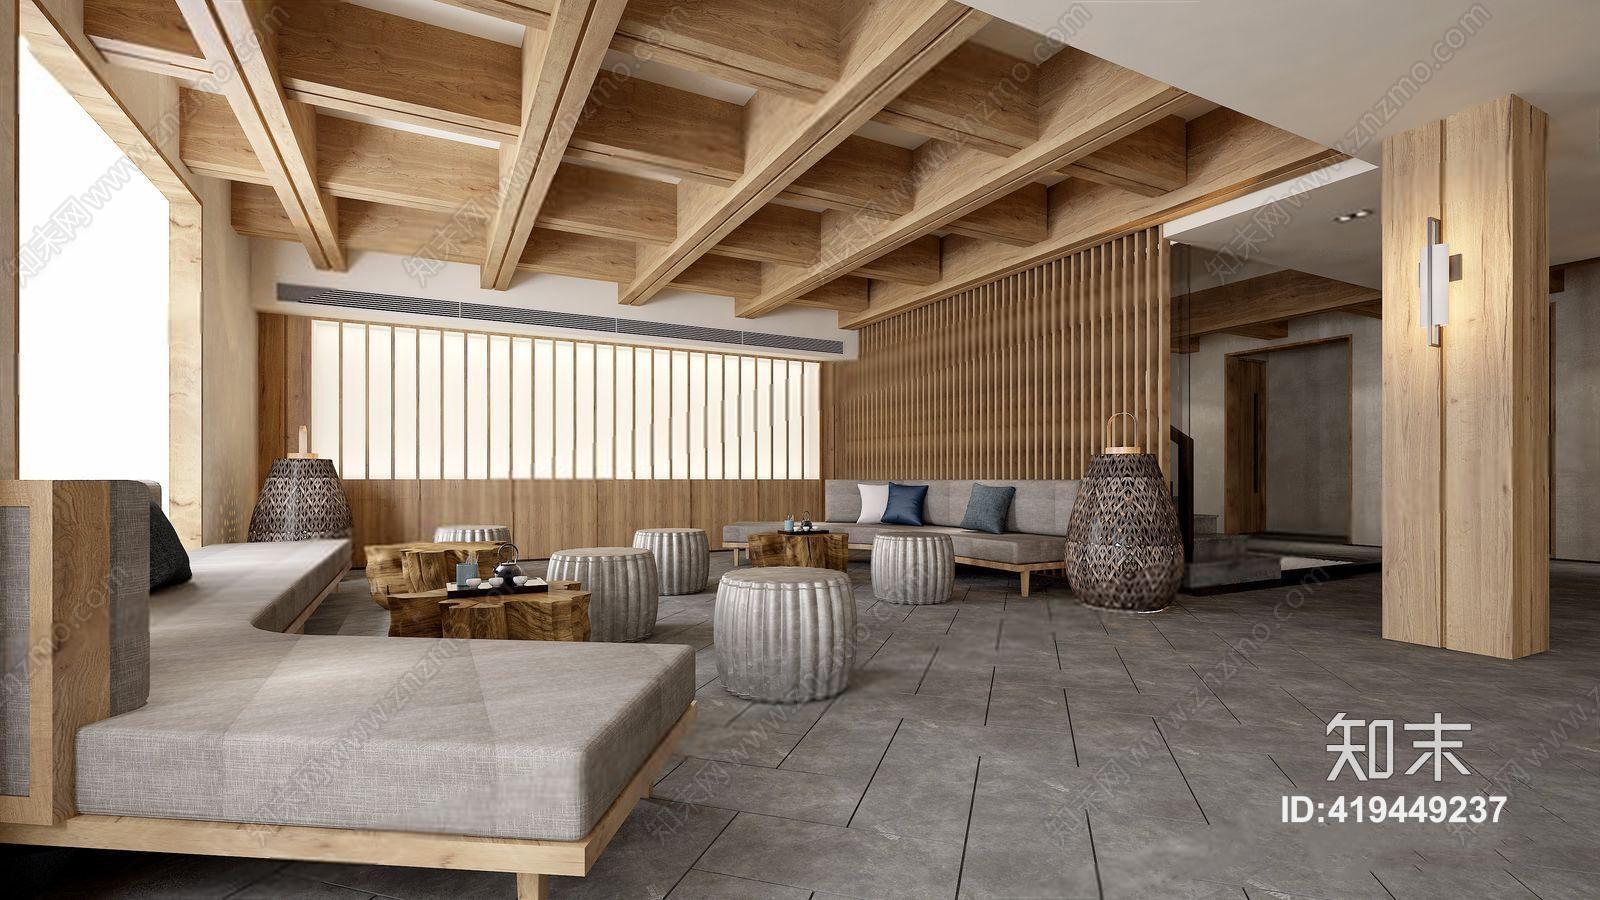 新中式大堂 弧形沙发 多人沙发 茶几 接待台 吧台 吧凳 台灯3d模型图片